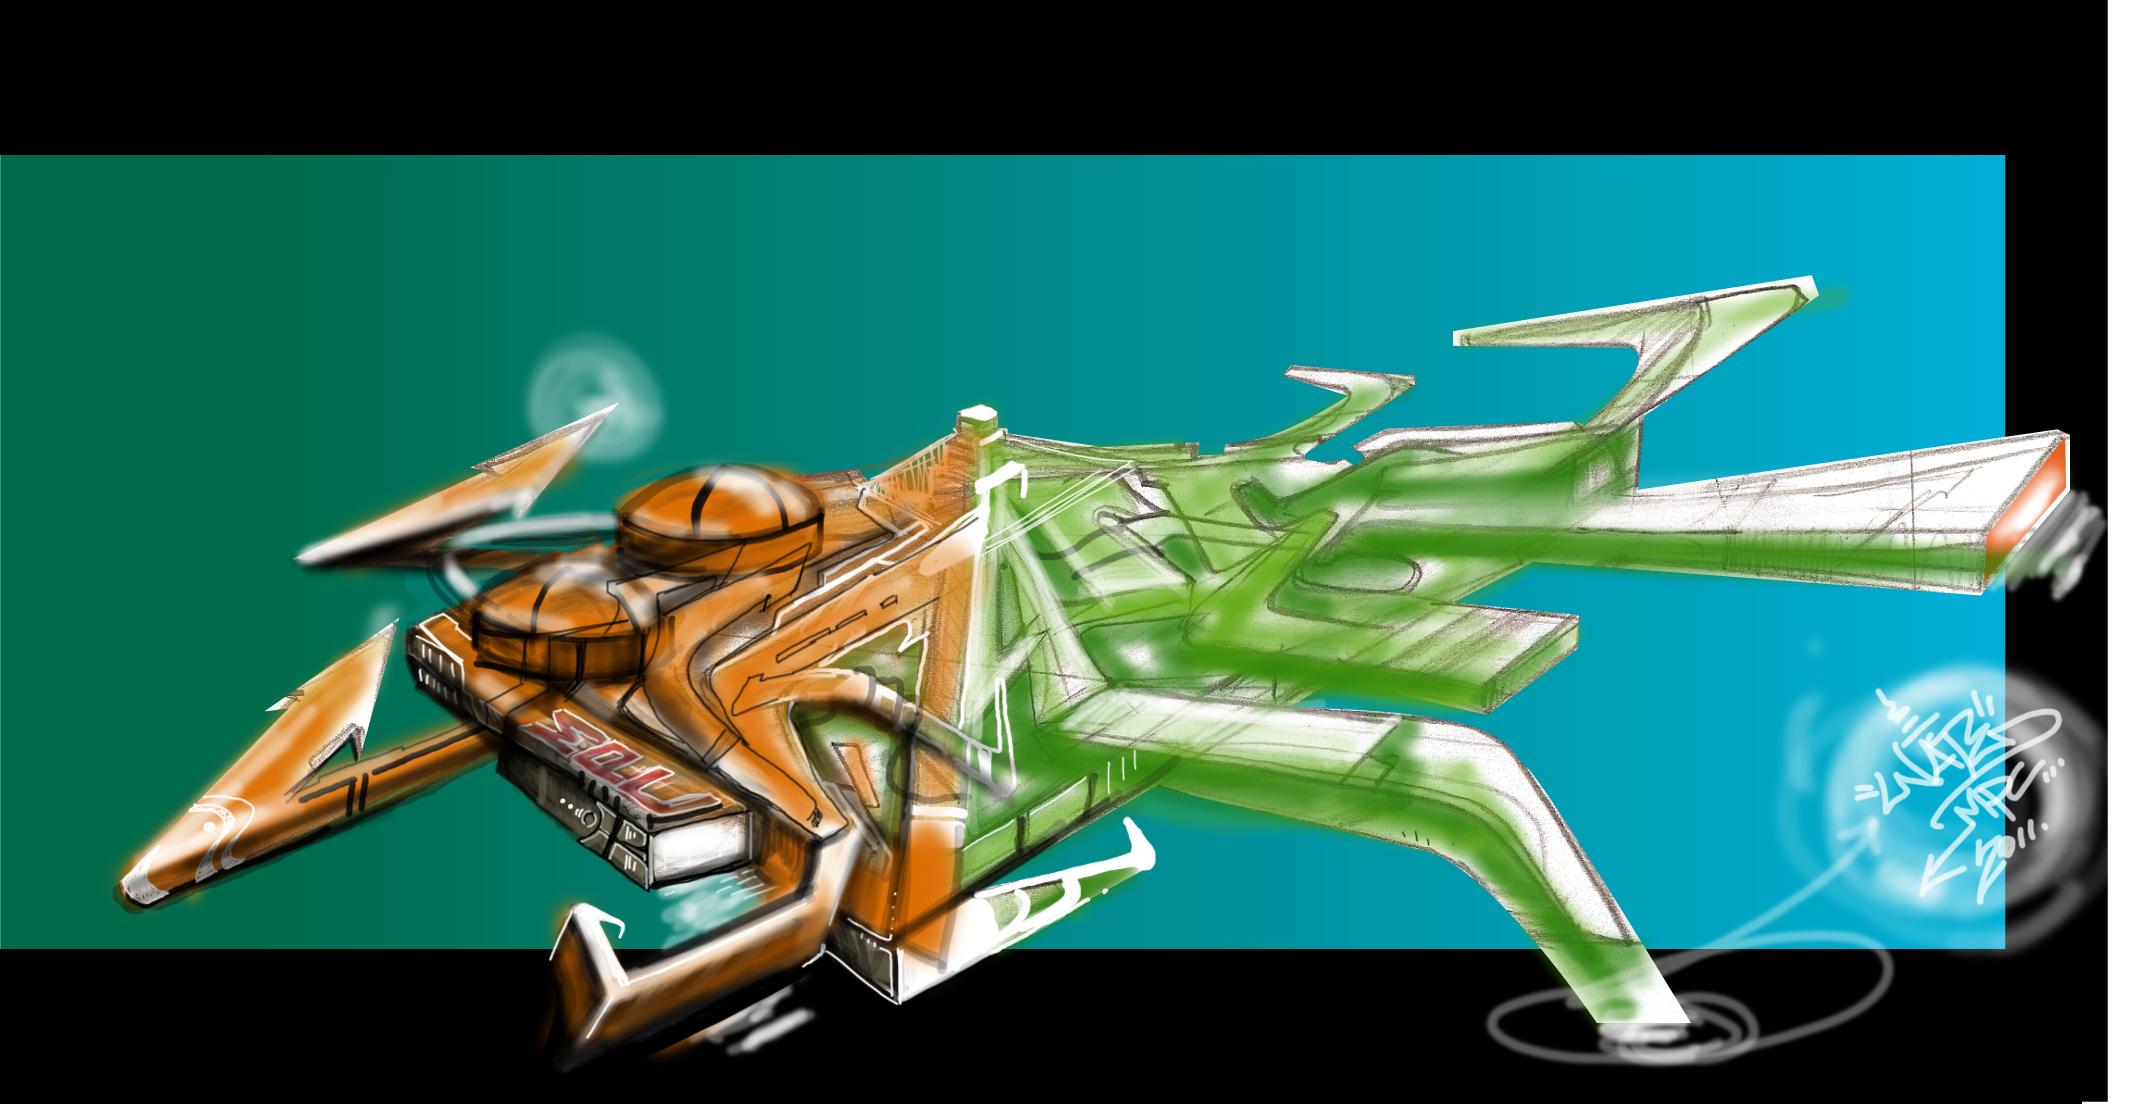 SpaceshipNate1Piece2011